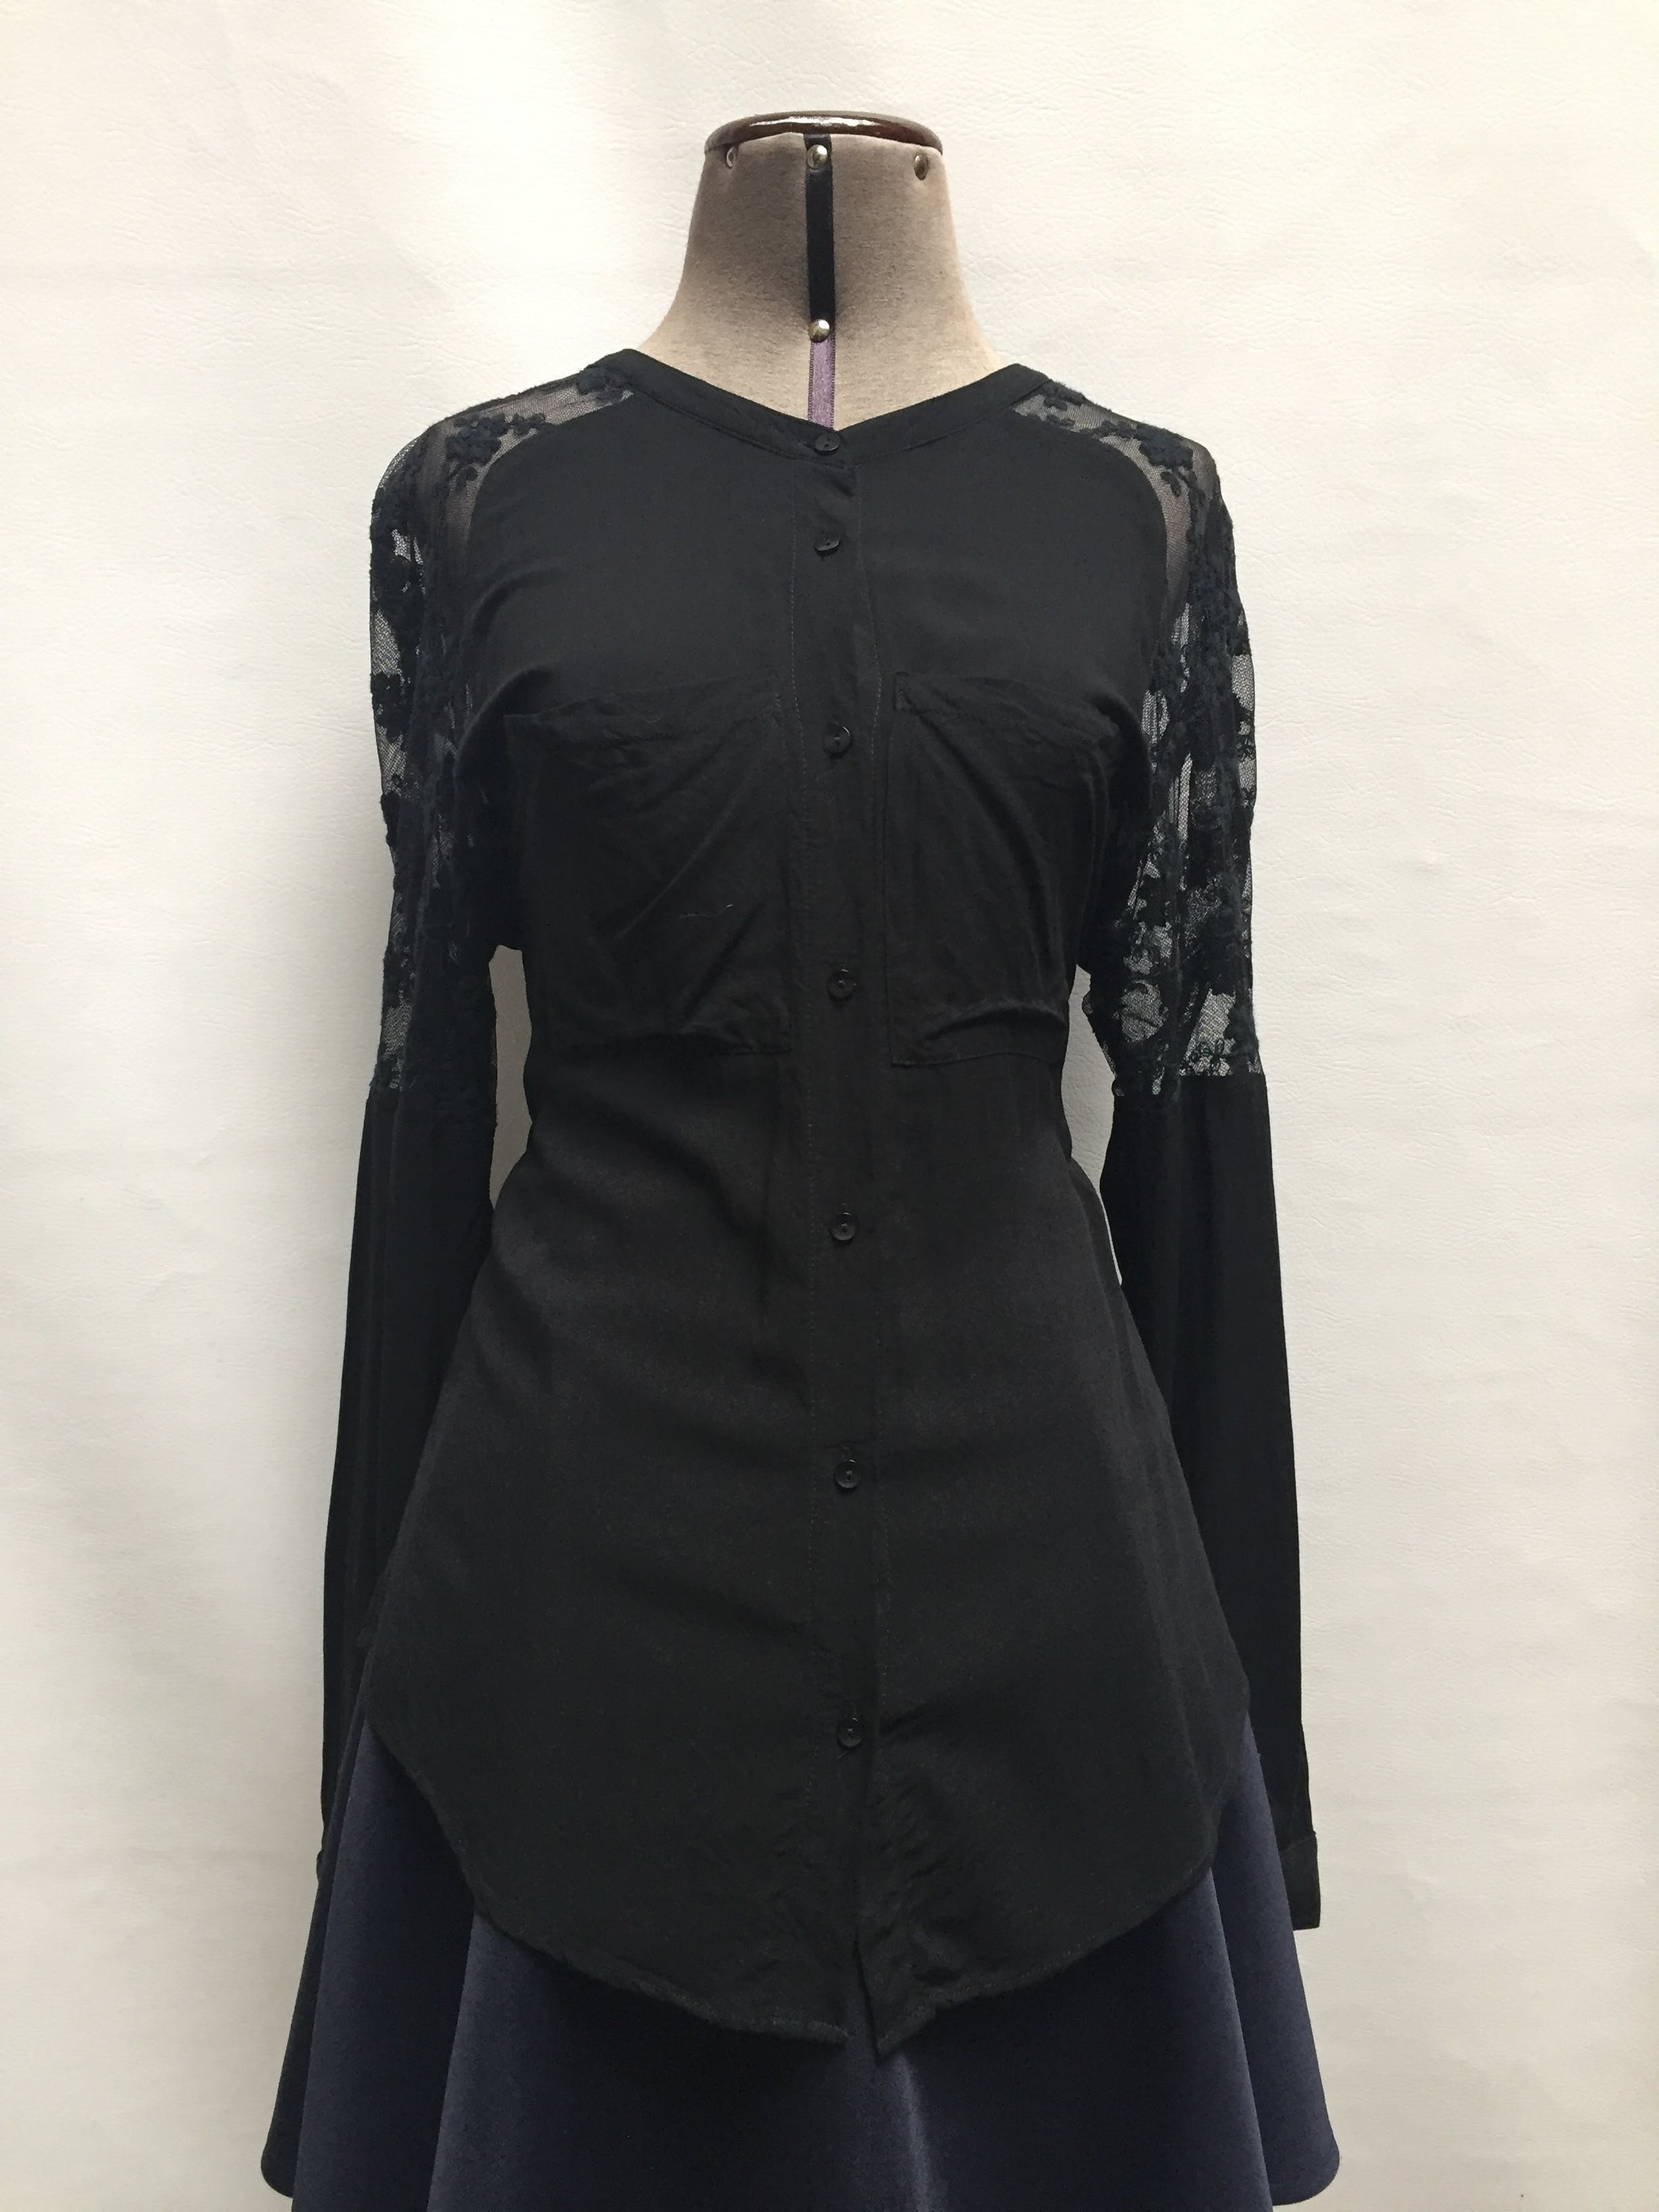 Blusa 90% algodón negro con tul bordado en hombros, bolsillos en el pecho y botones negros. Talla L